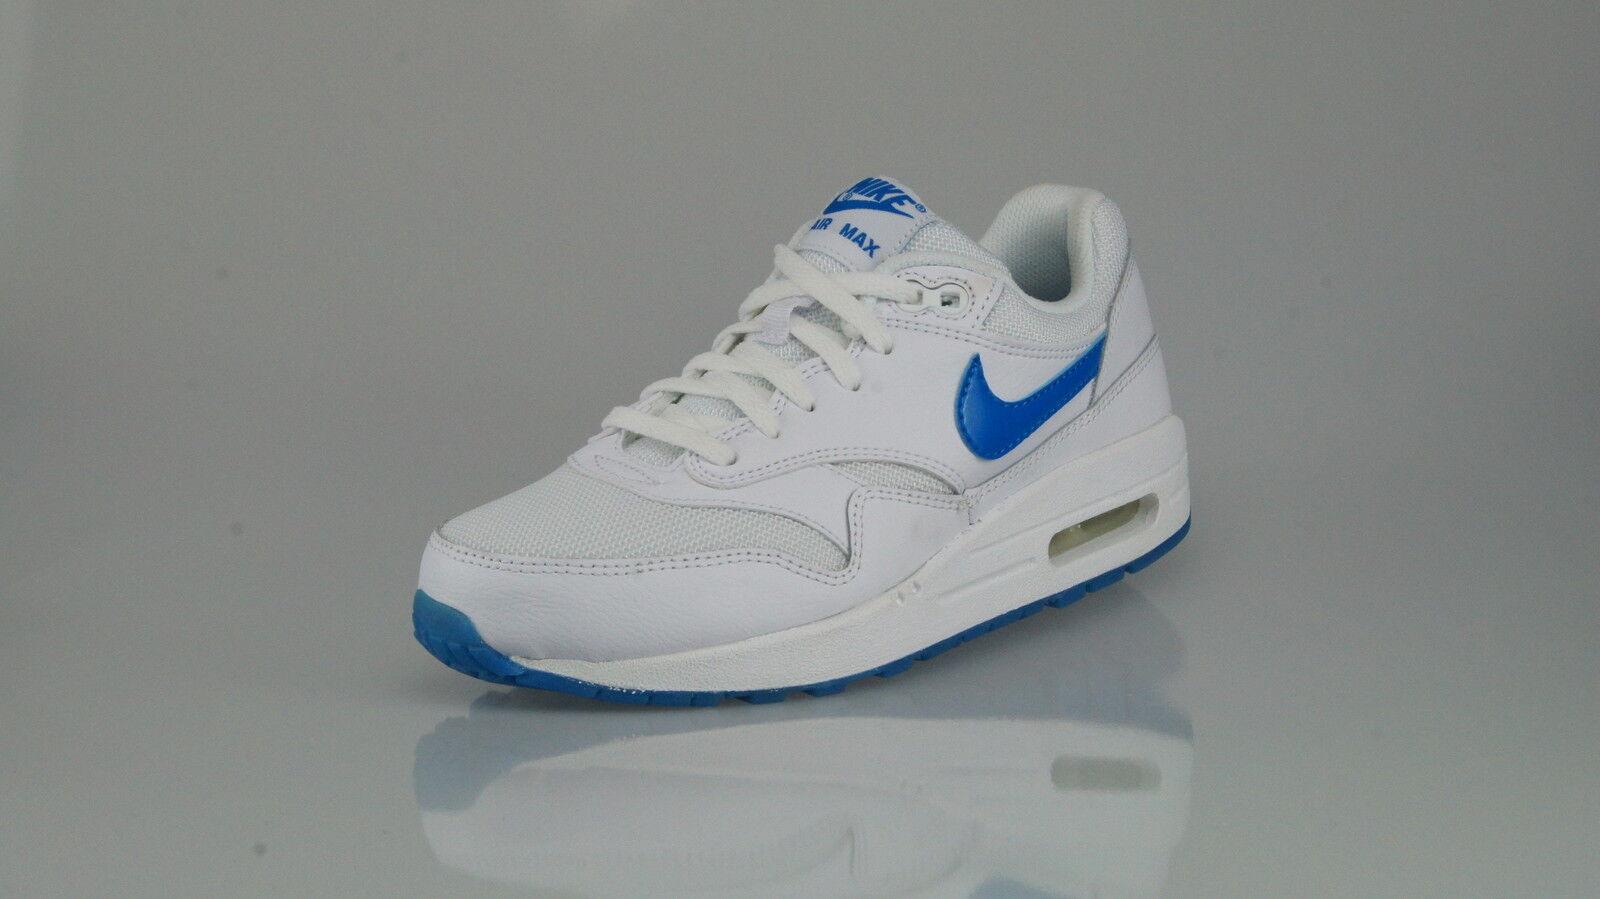 Nike größe air max 1 leuchten größe Nike 37,5 (5y) 2f7eb3